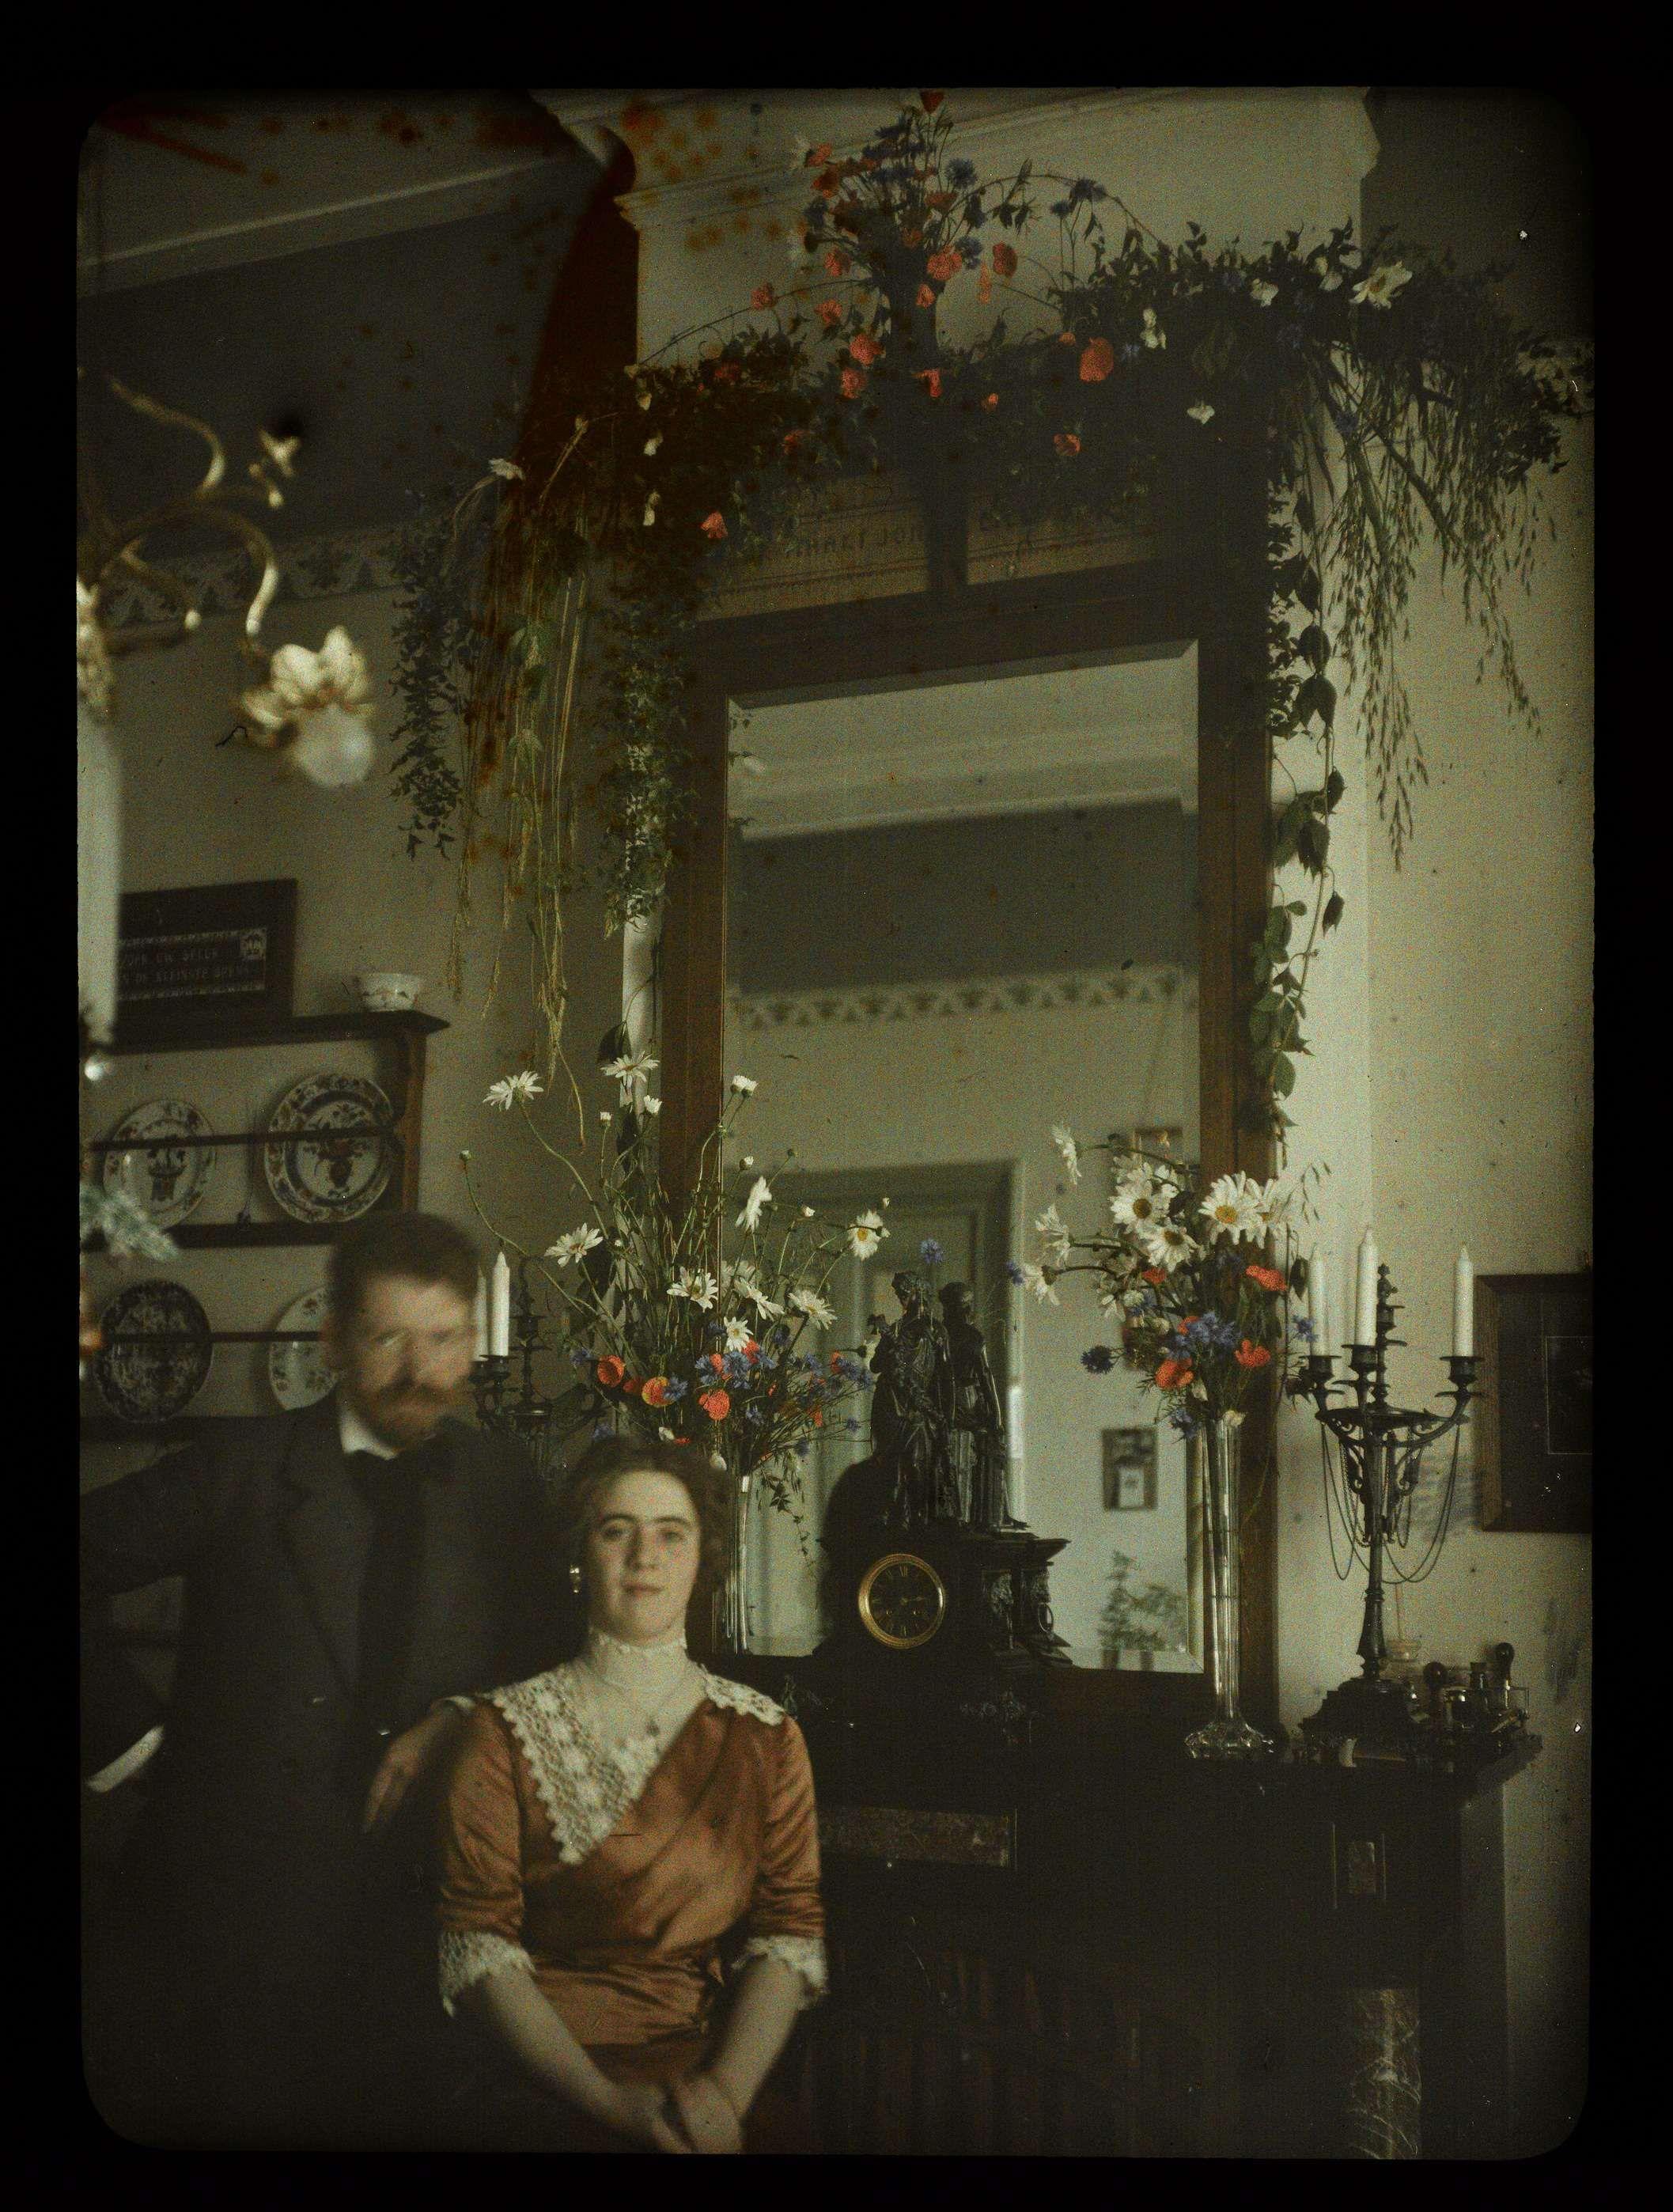 Jacob en Tini voor de spiegel in de woonkamer, Jacob Olie Jr, 1913 ...